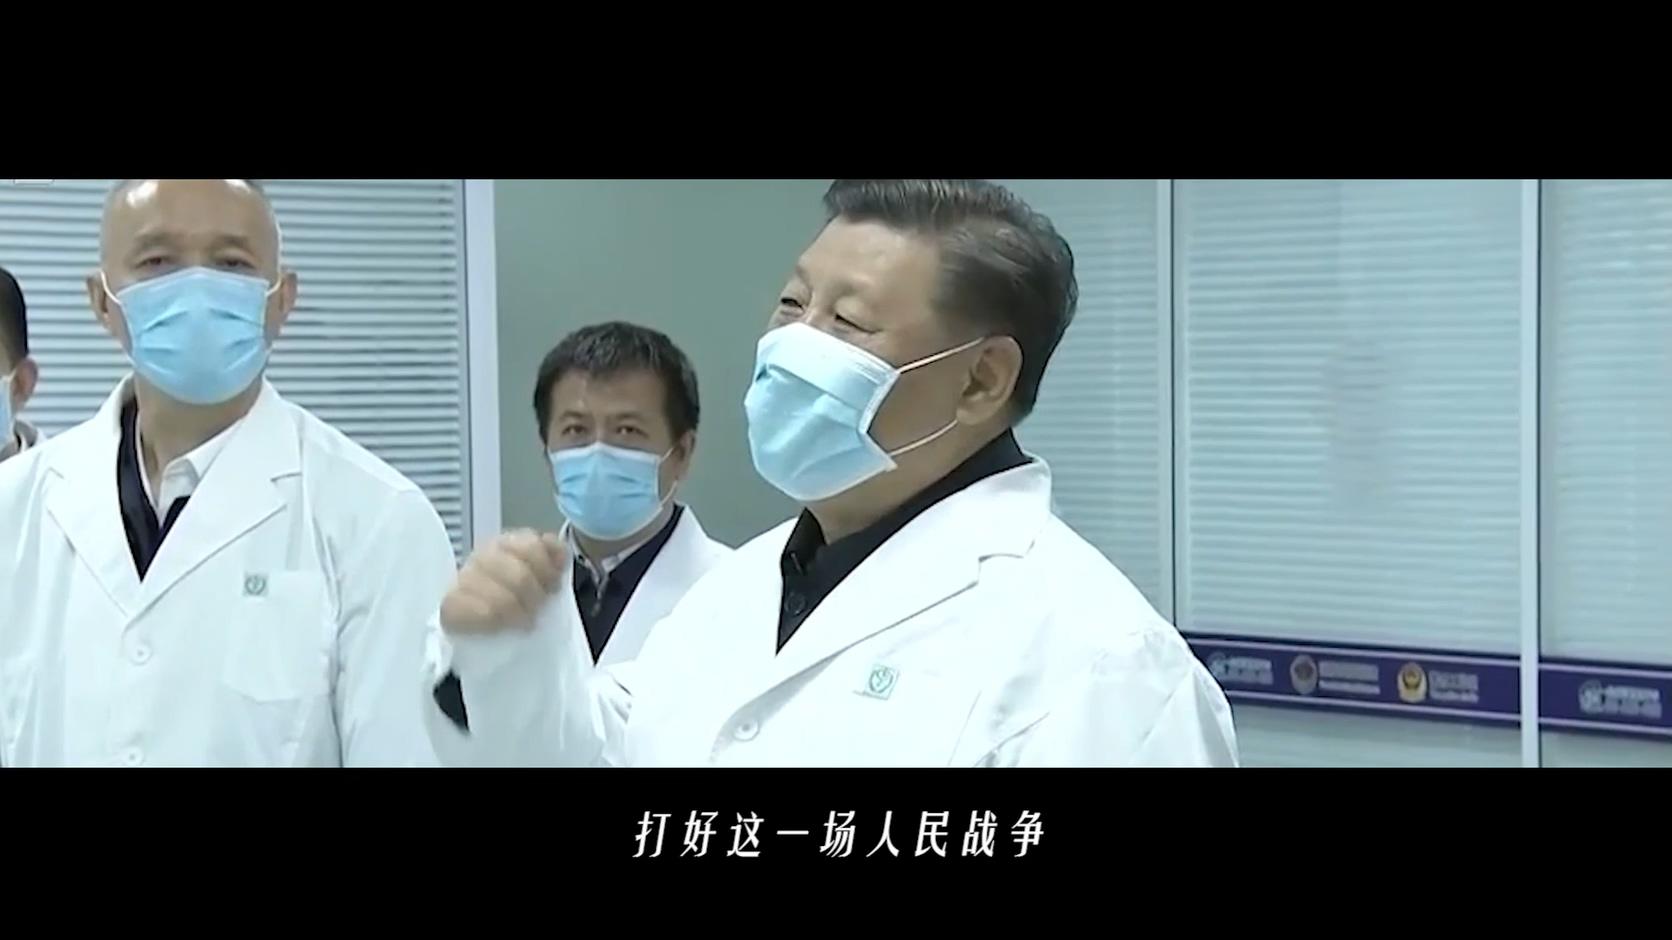 疫情混剪-抗击疫情:我们的力量视频素材